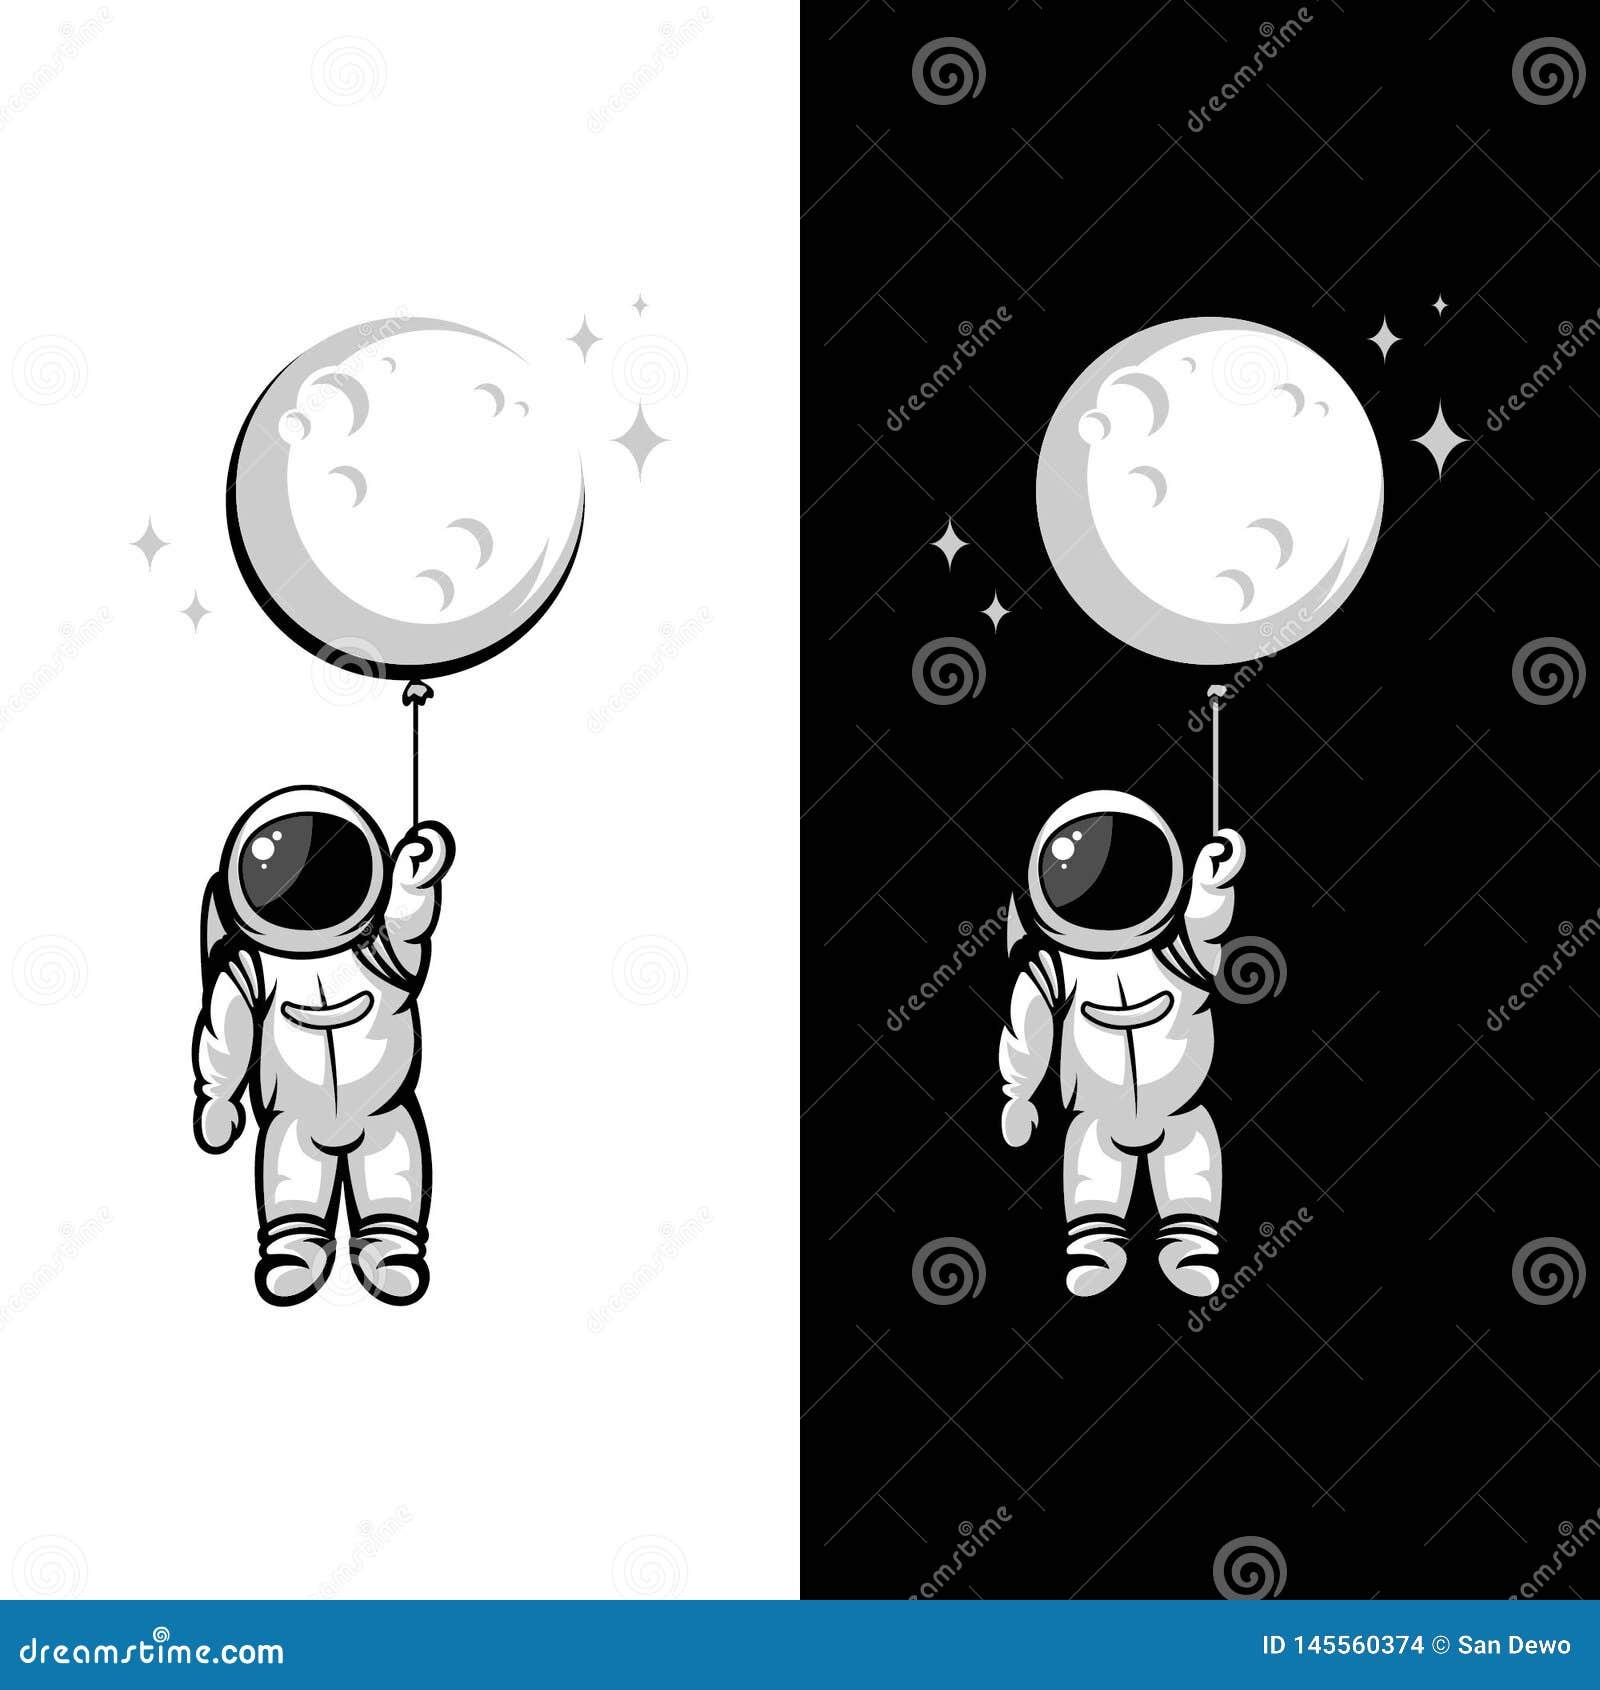 Astronaut moon balloon illustrations